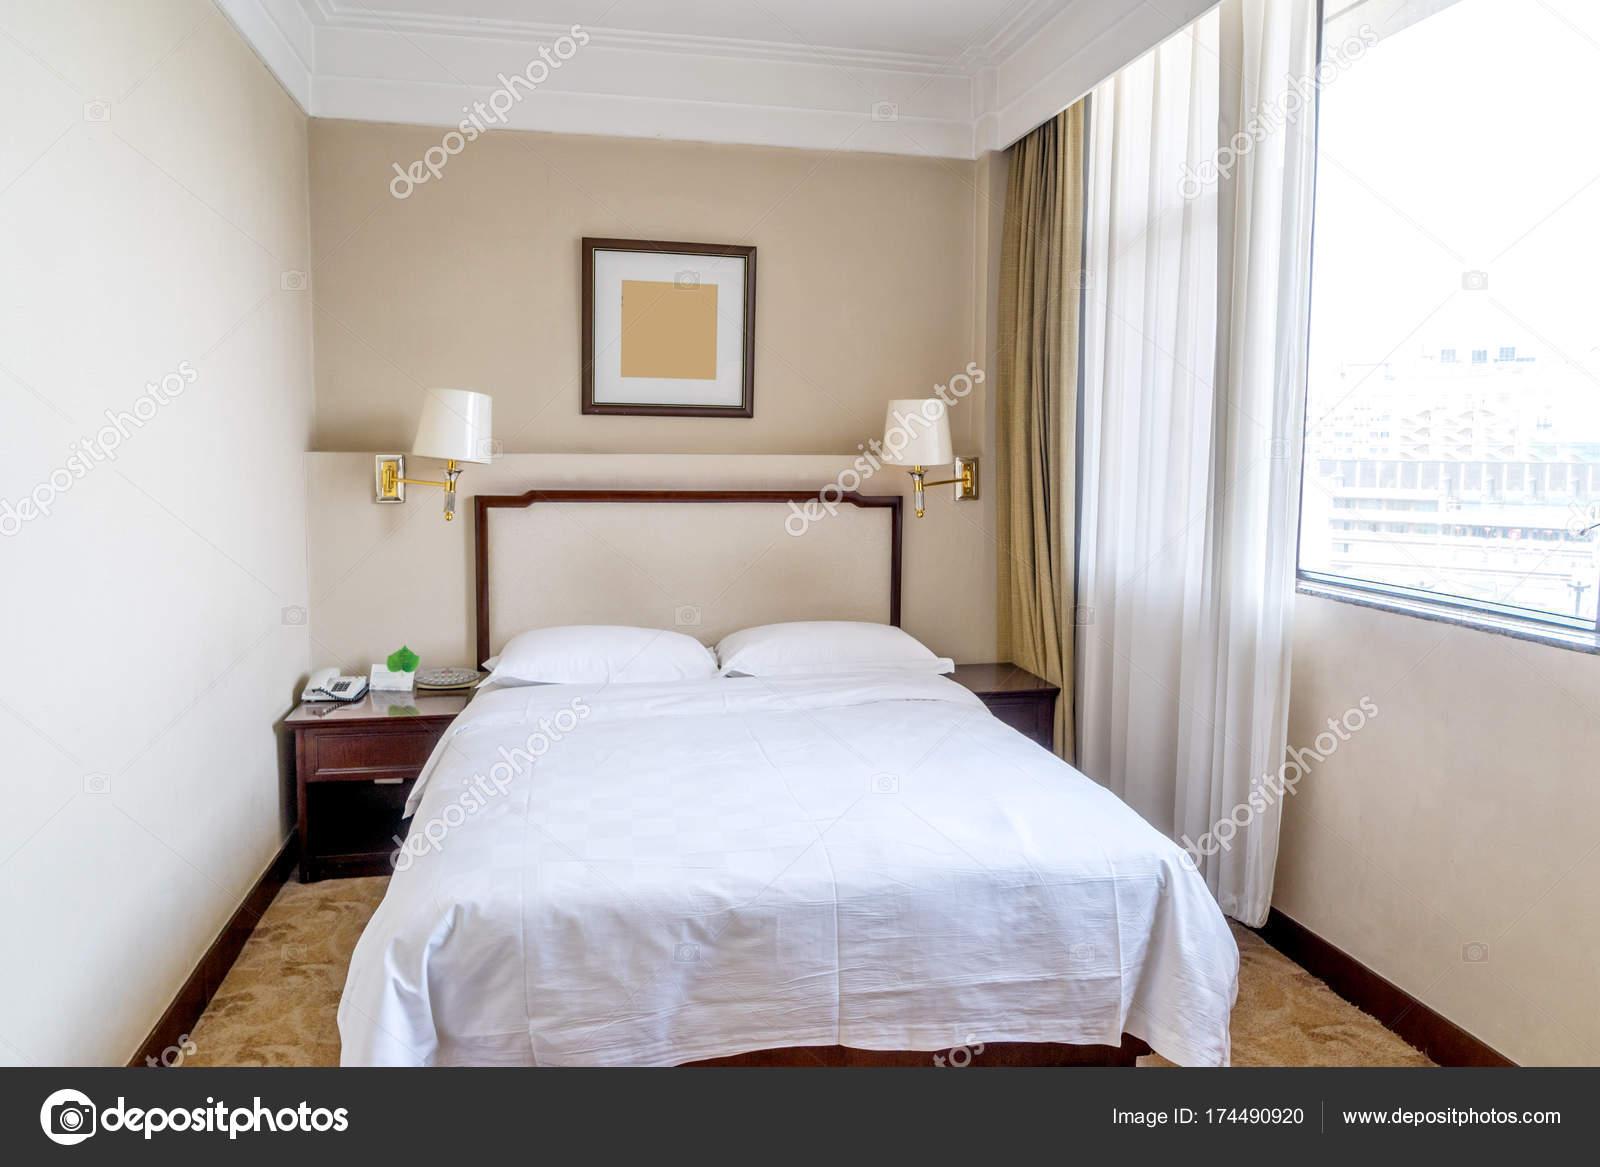 Design Decorao Quarto Solteiro Num Hotel Moderno